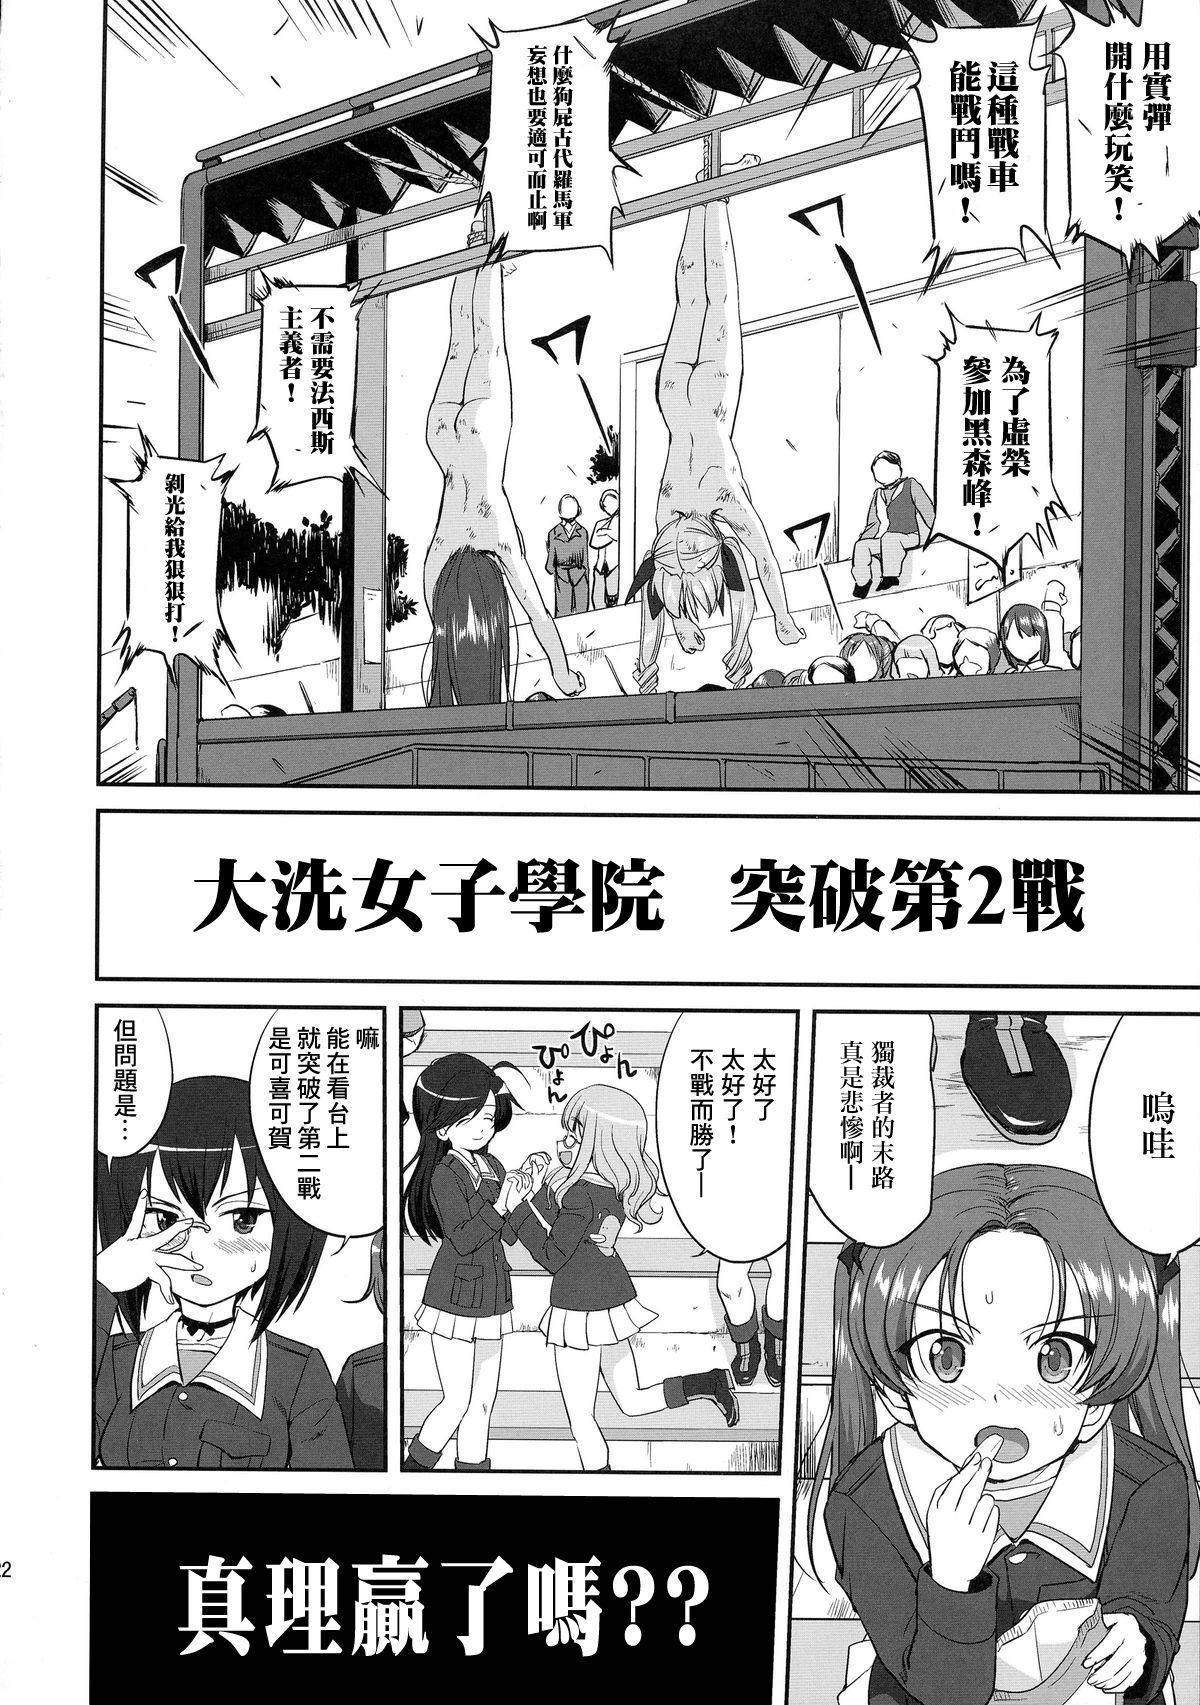 Yukiyukite Senshadou Battle of Pravda 21